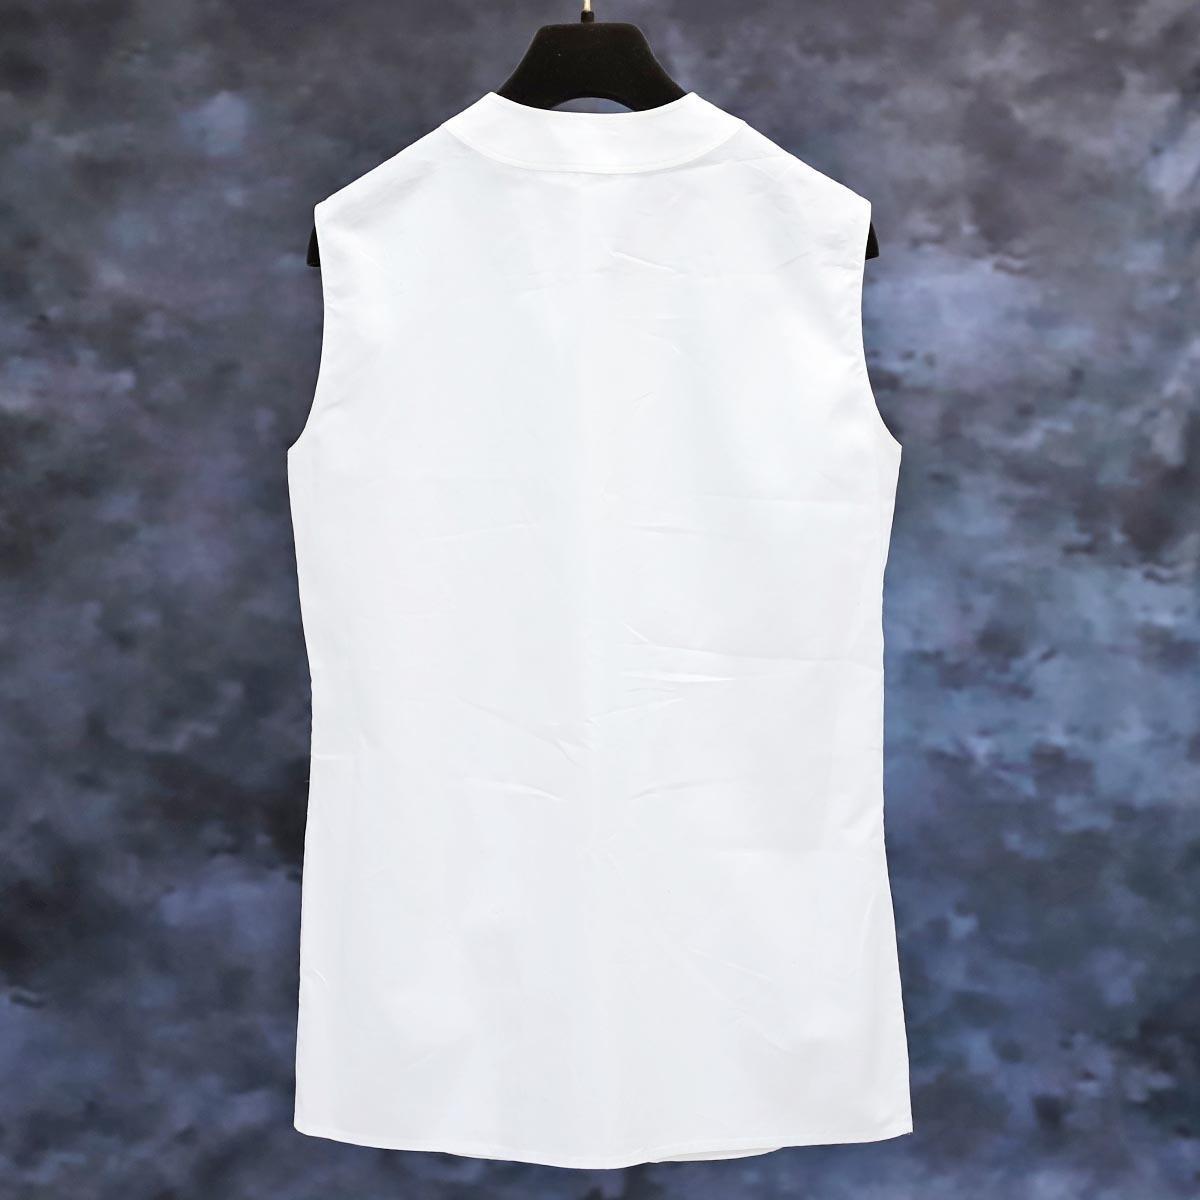 本物 エルメス 極希少 マルジェラ期 シェル釦 ポケット付きノースリーブシャツ サイズ36 ホワイト トップス ベスト ブラウス HERMES_画像4